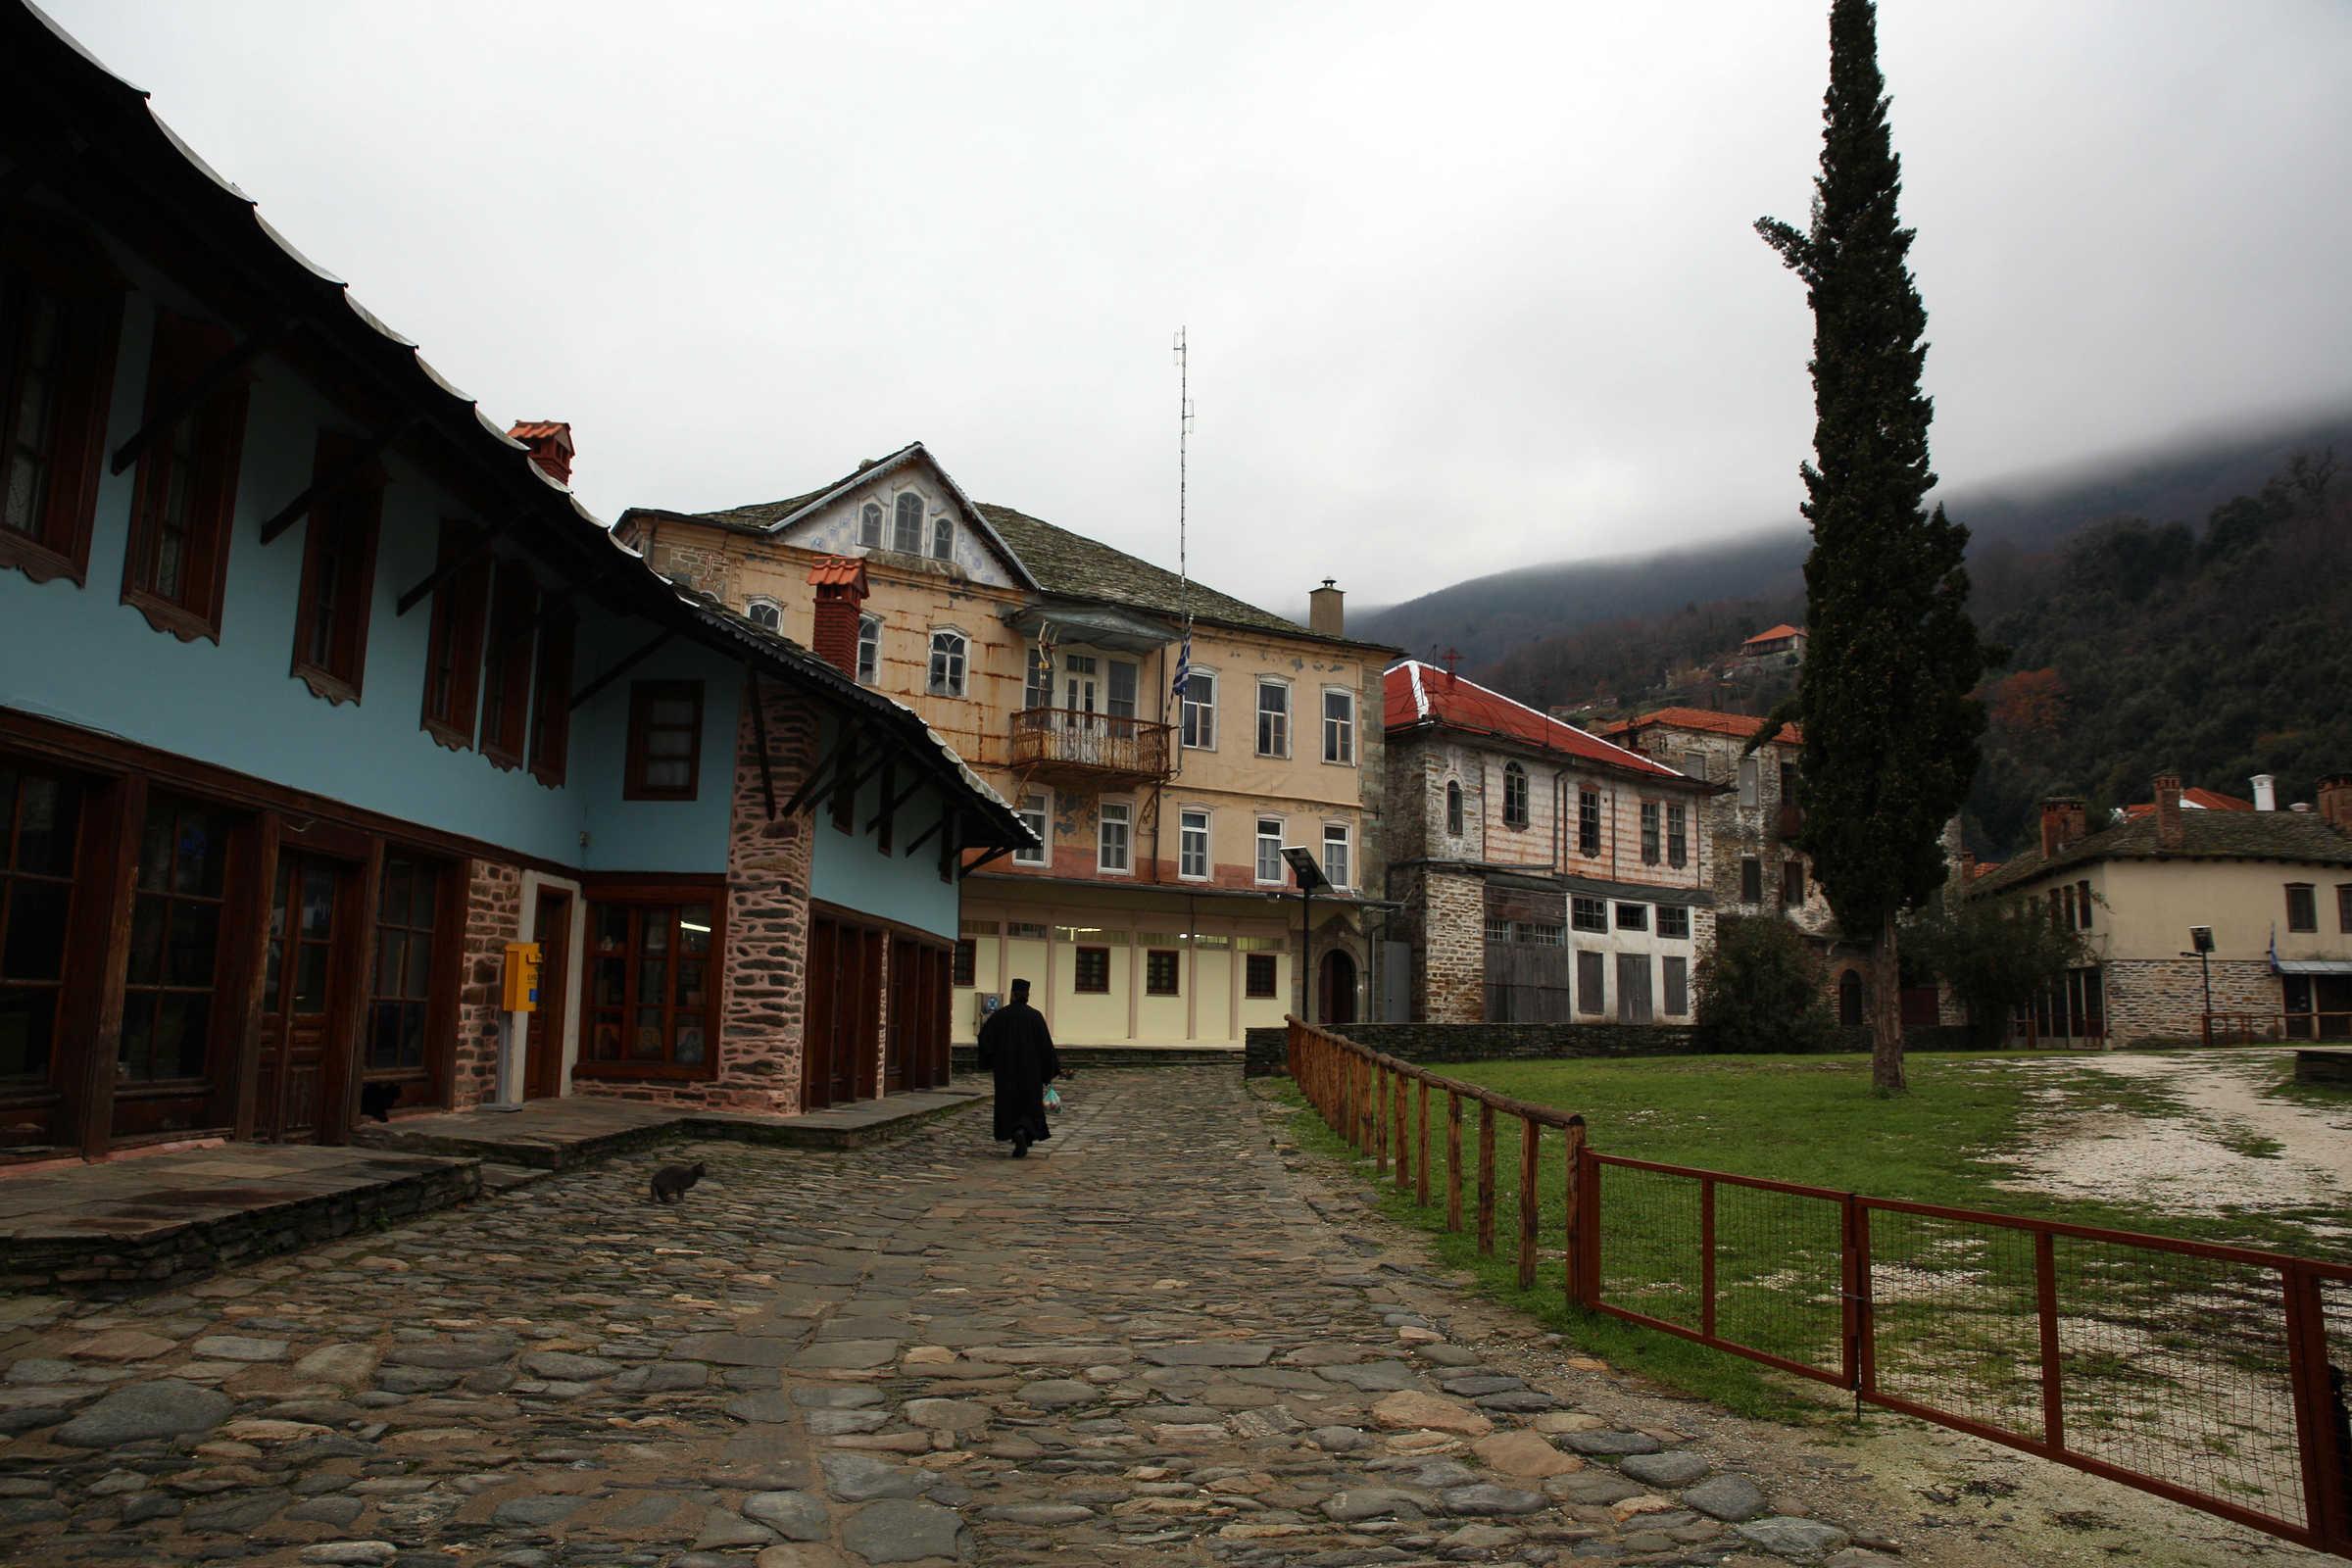 Karyes, Mount Athos - (C) Vatopedi monastery, Mount Athos